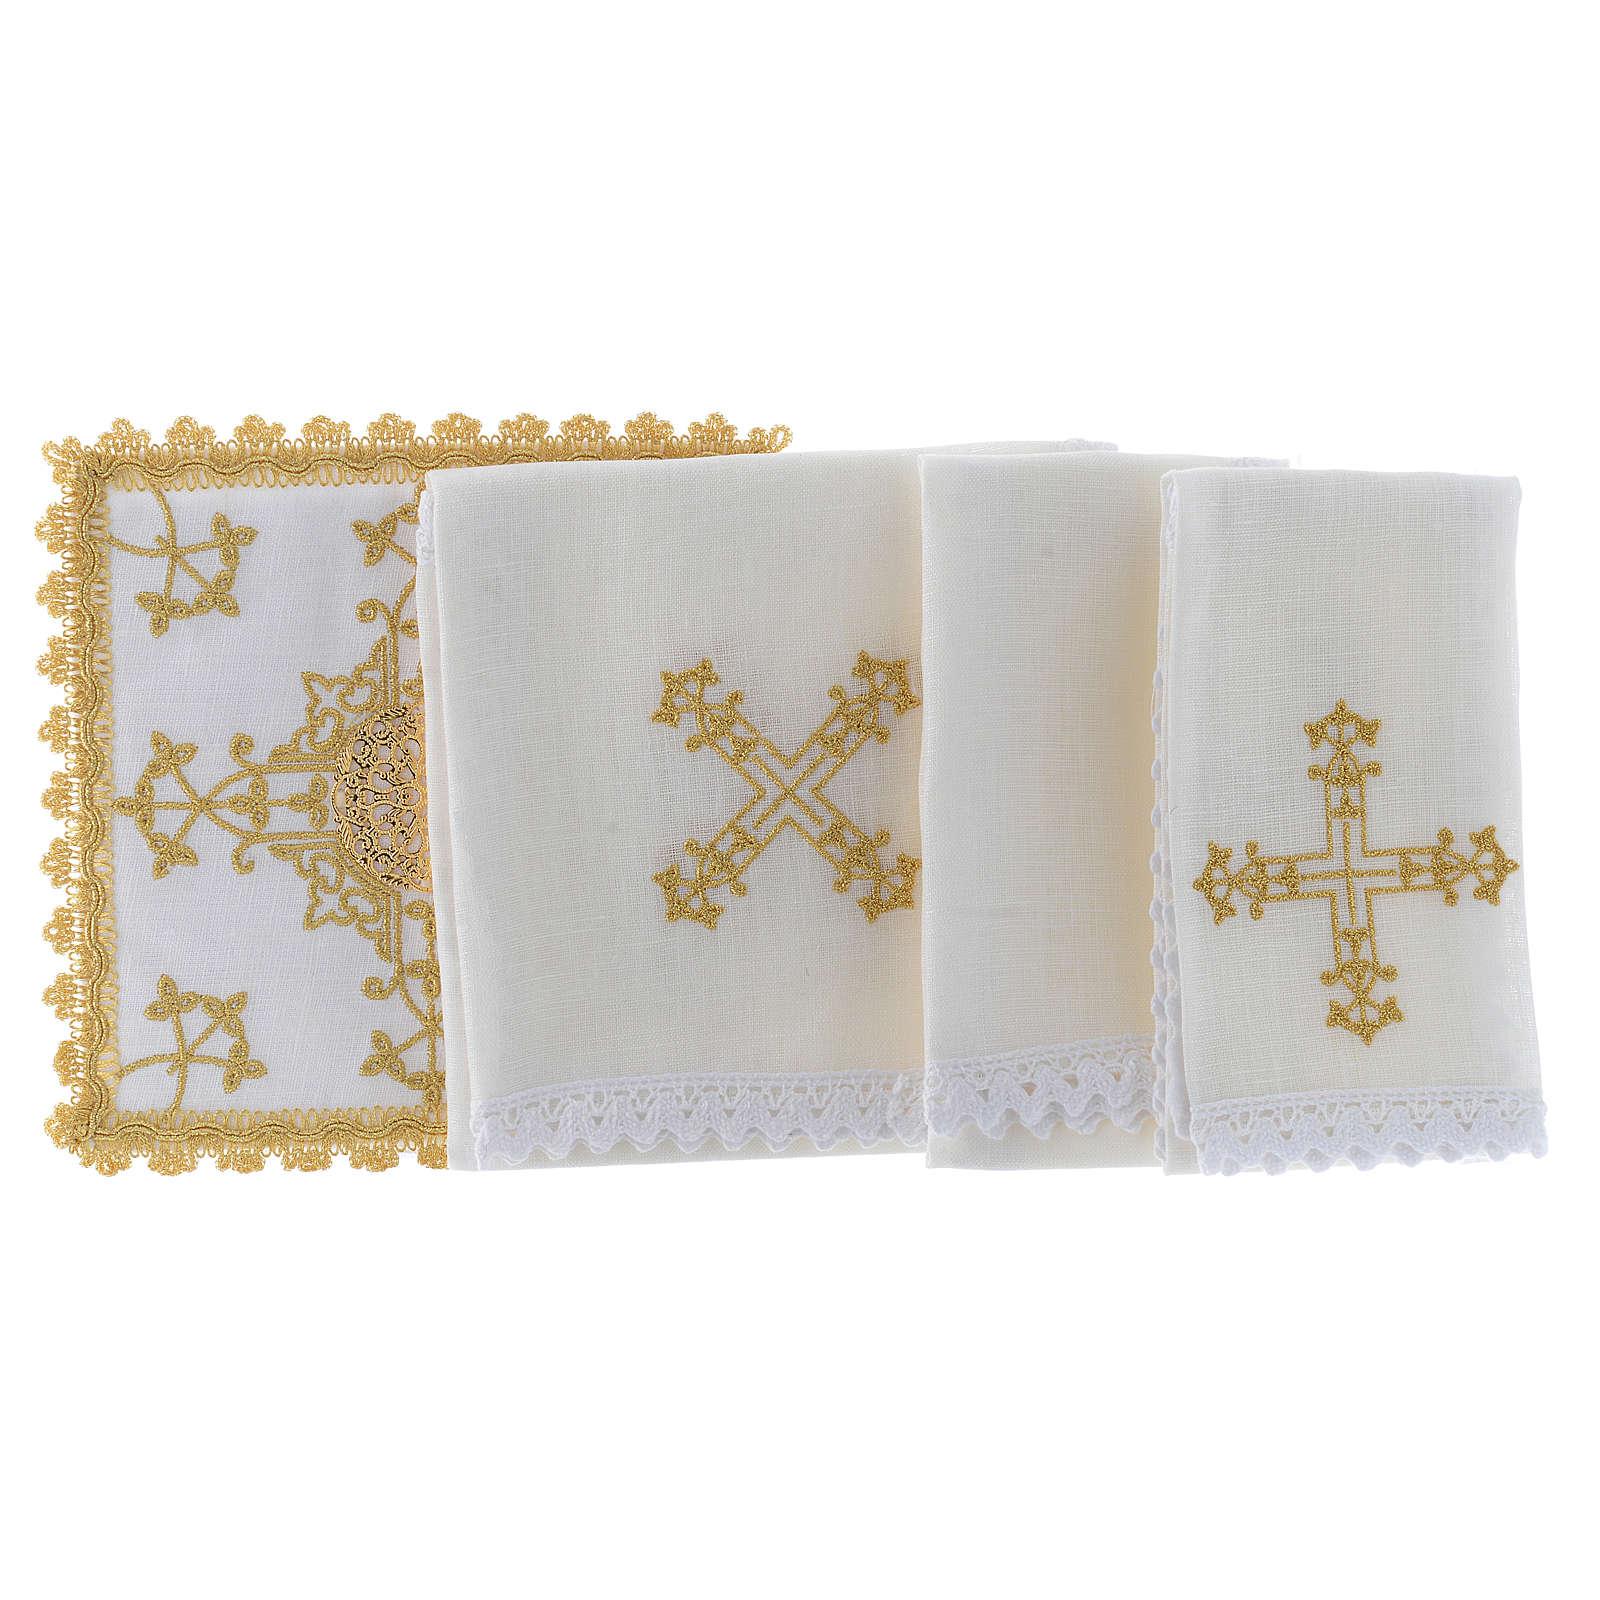 Servizio da mensa con croce in oro lino 4